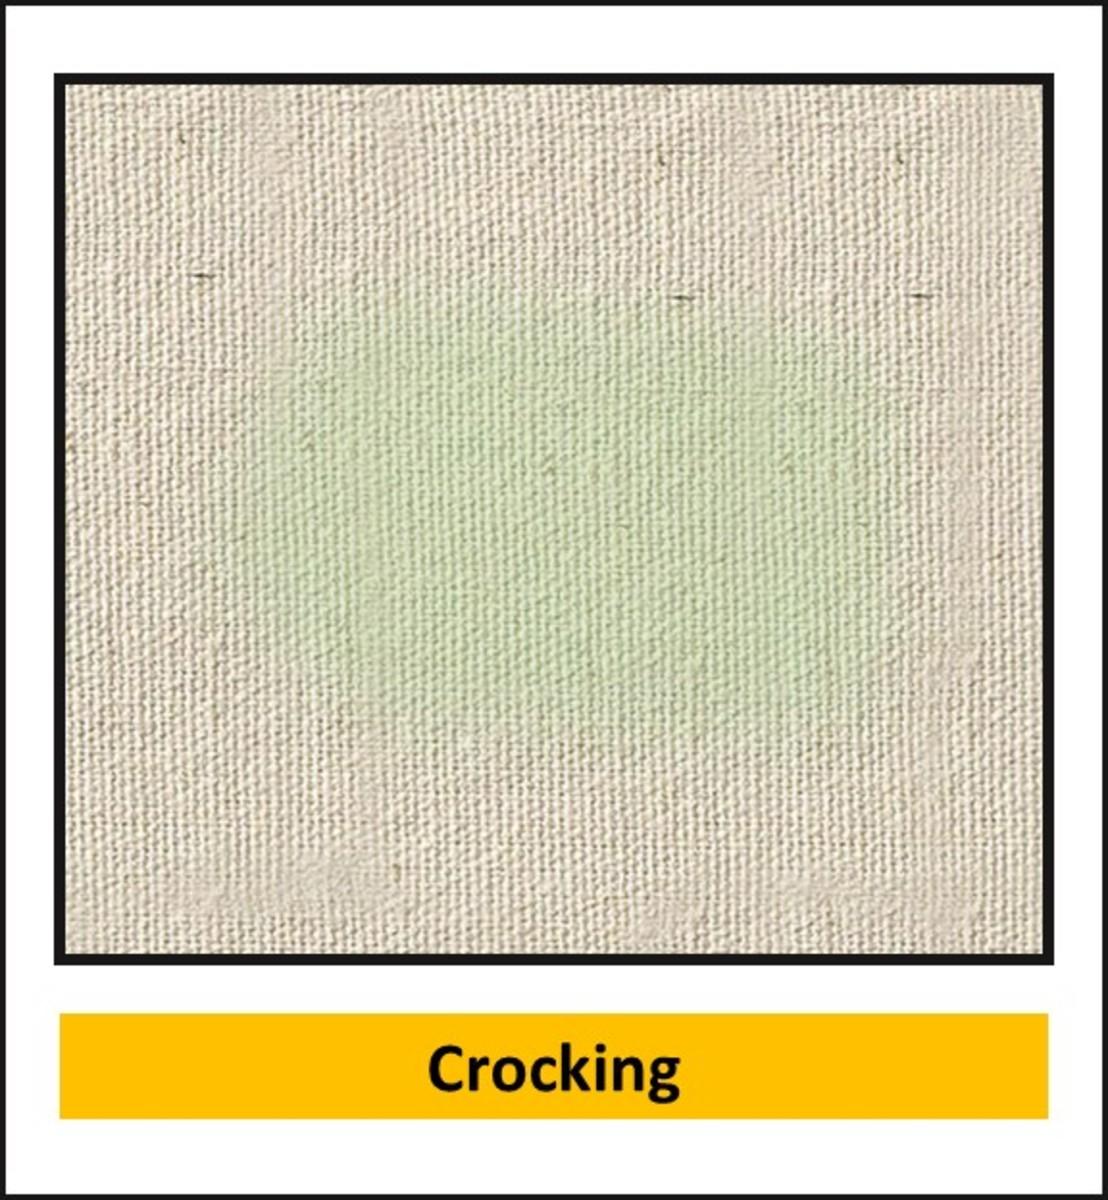 Crocking